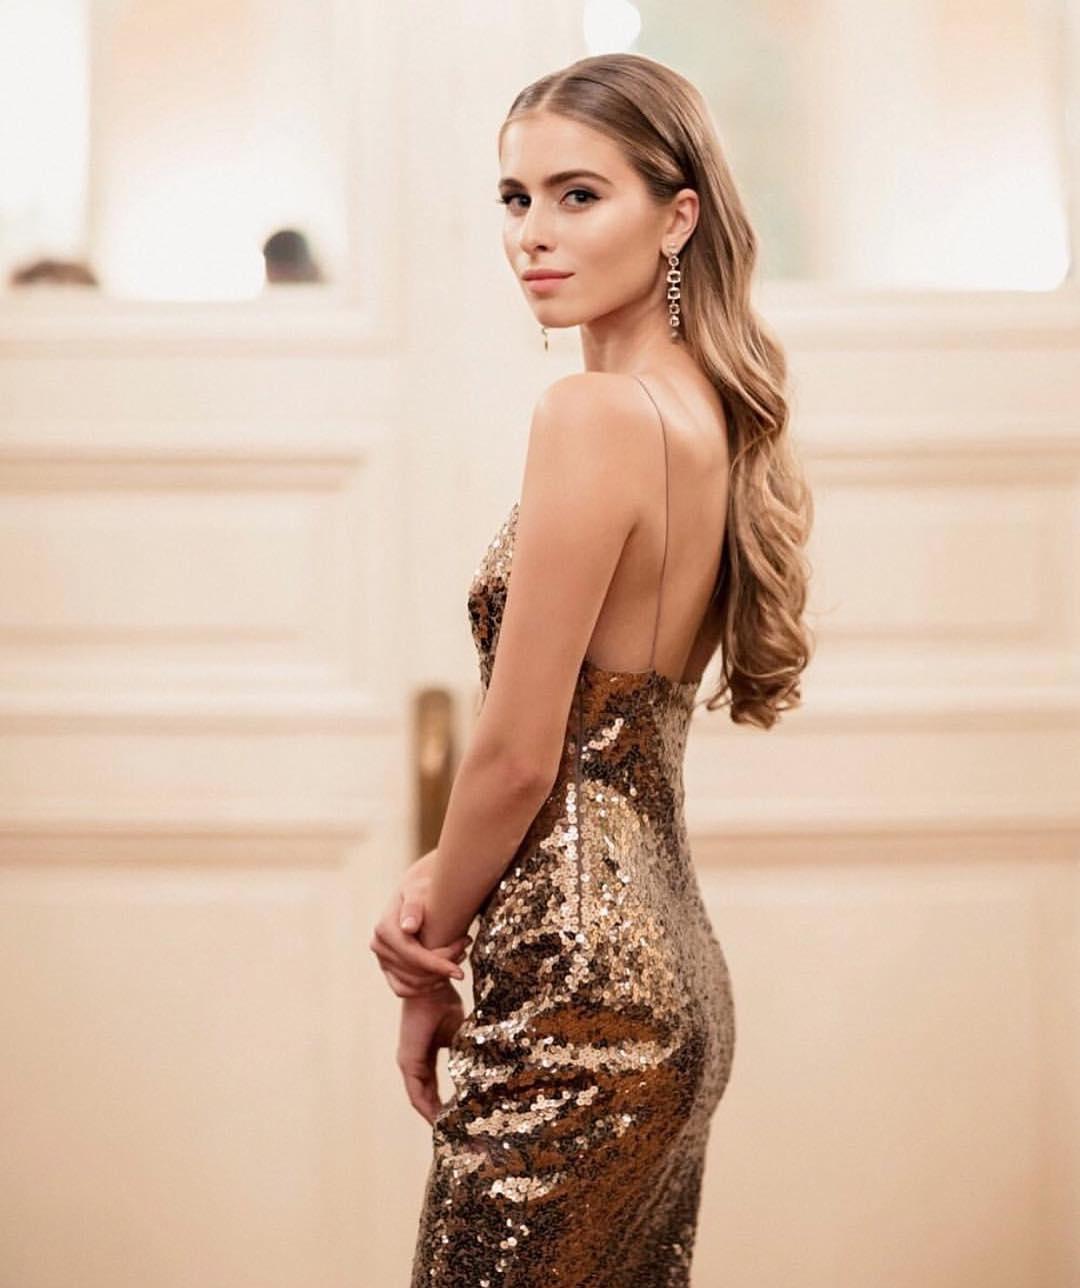 Ким Кардашьян просто отдыхает: 15-летняя внучка Софии Ротару делает модельную карьеру и поражает красотой!